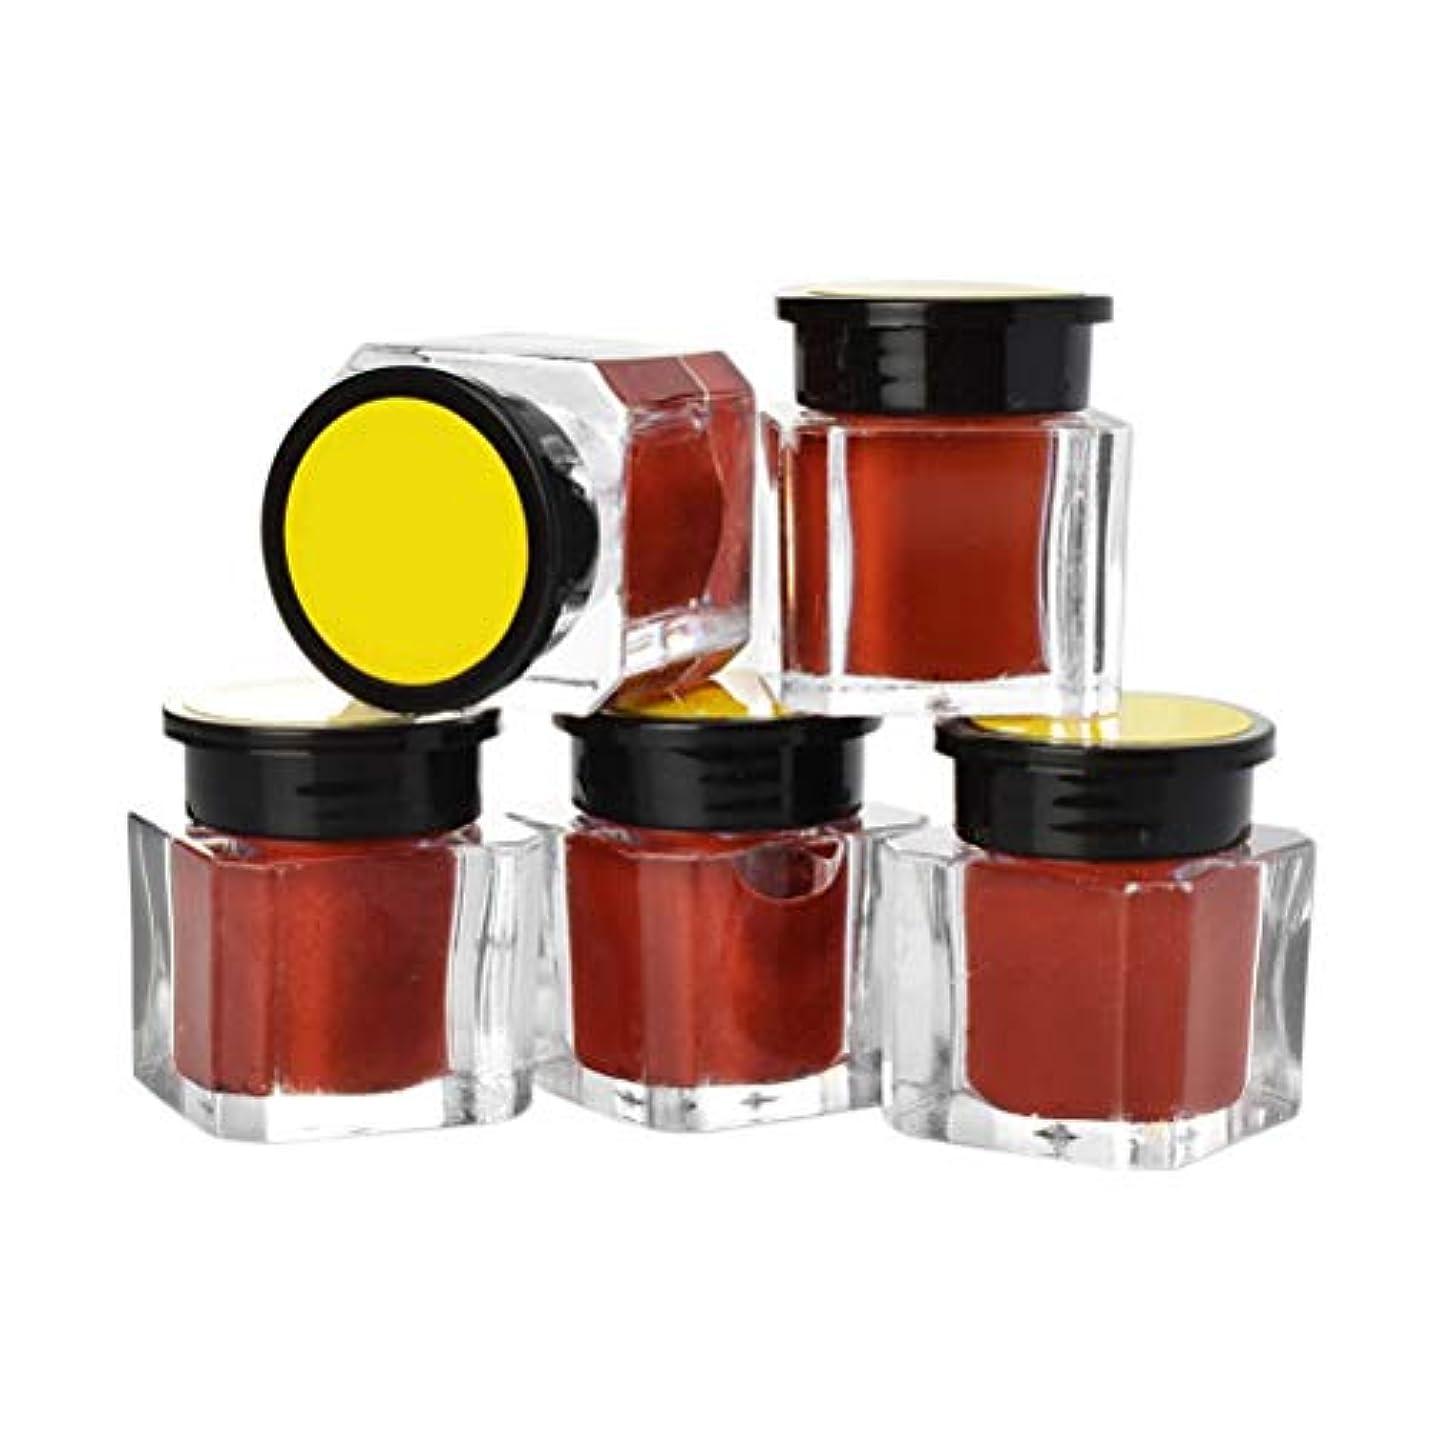 致命的金額辛なSUPVOX 5本タトゥー顔料インク眉アイライナーボディーアート塗料マイクロブレード色(コーヒー)